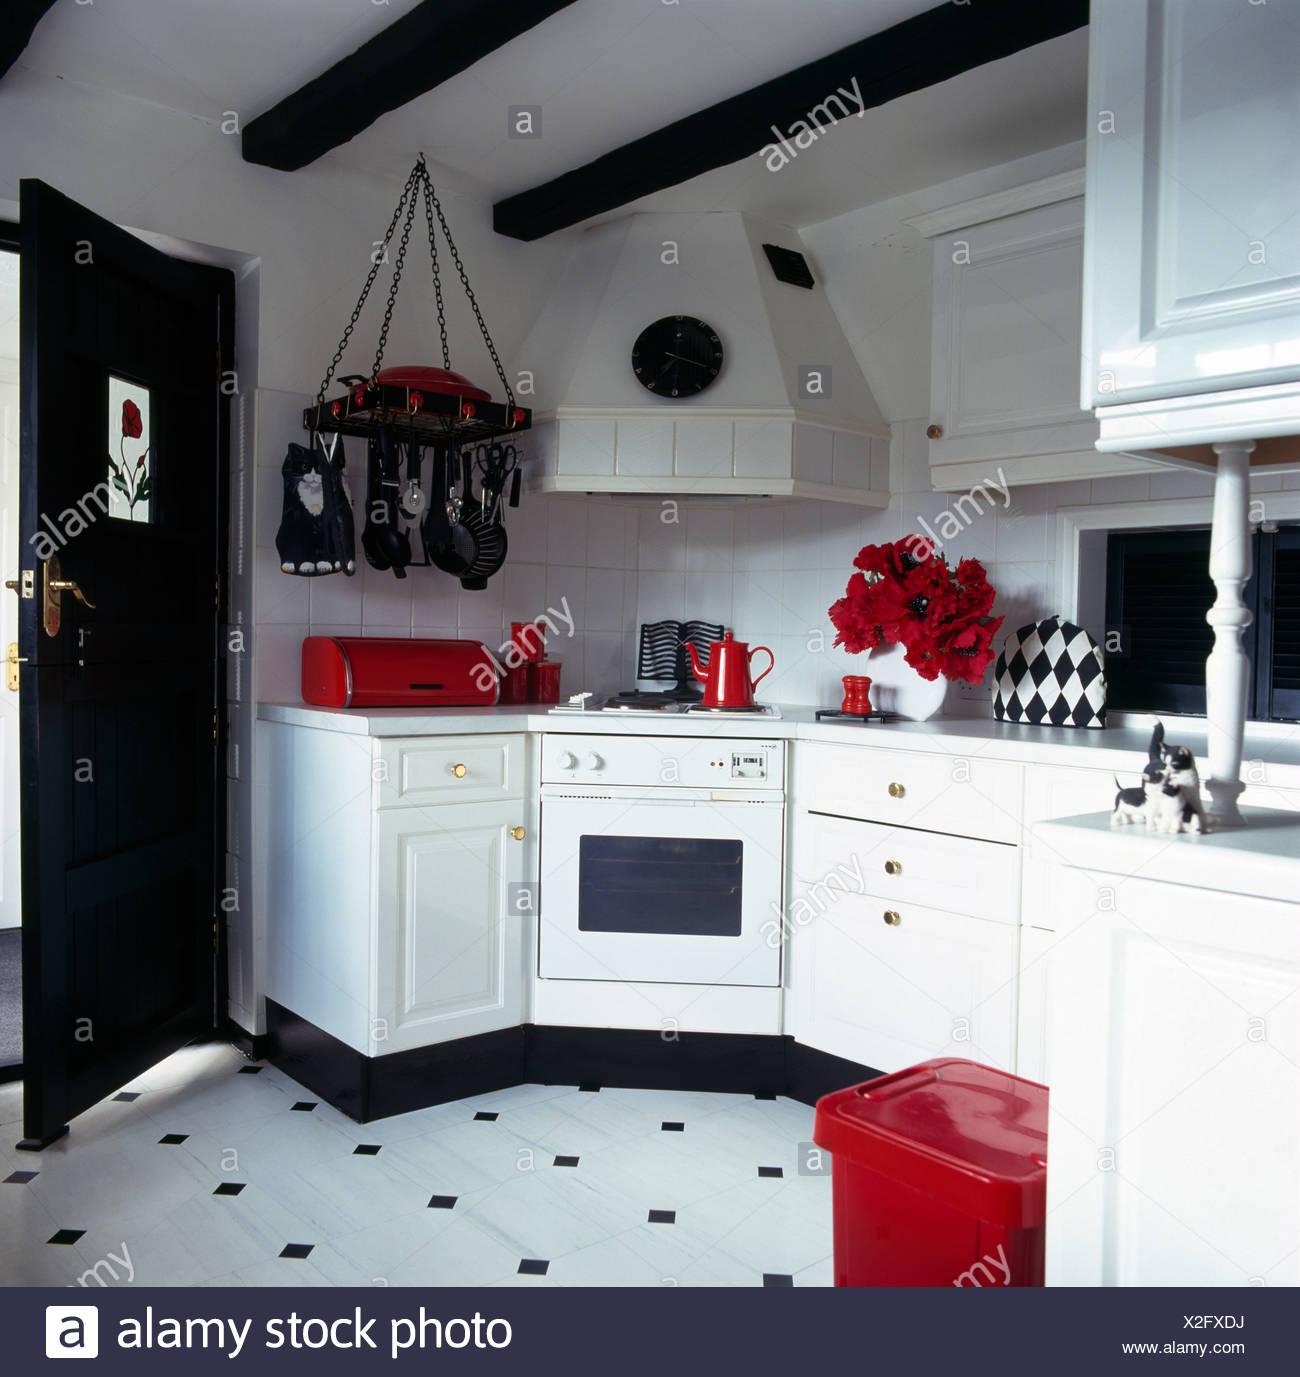 Dorable Accesorios De Cocina Rojo Y Negro Ideas - Ideas de ...